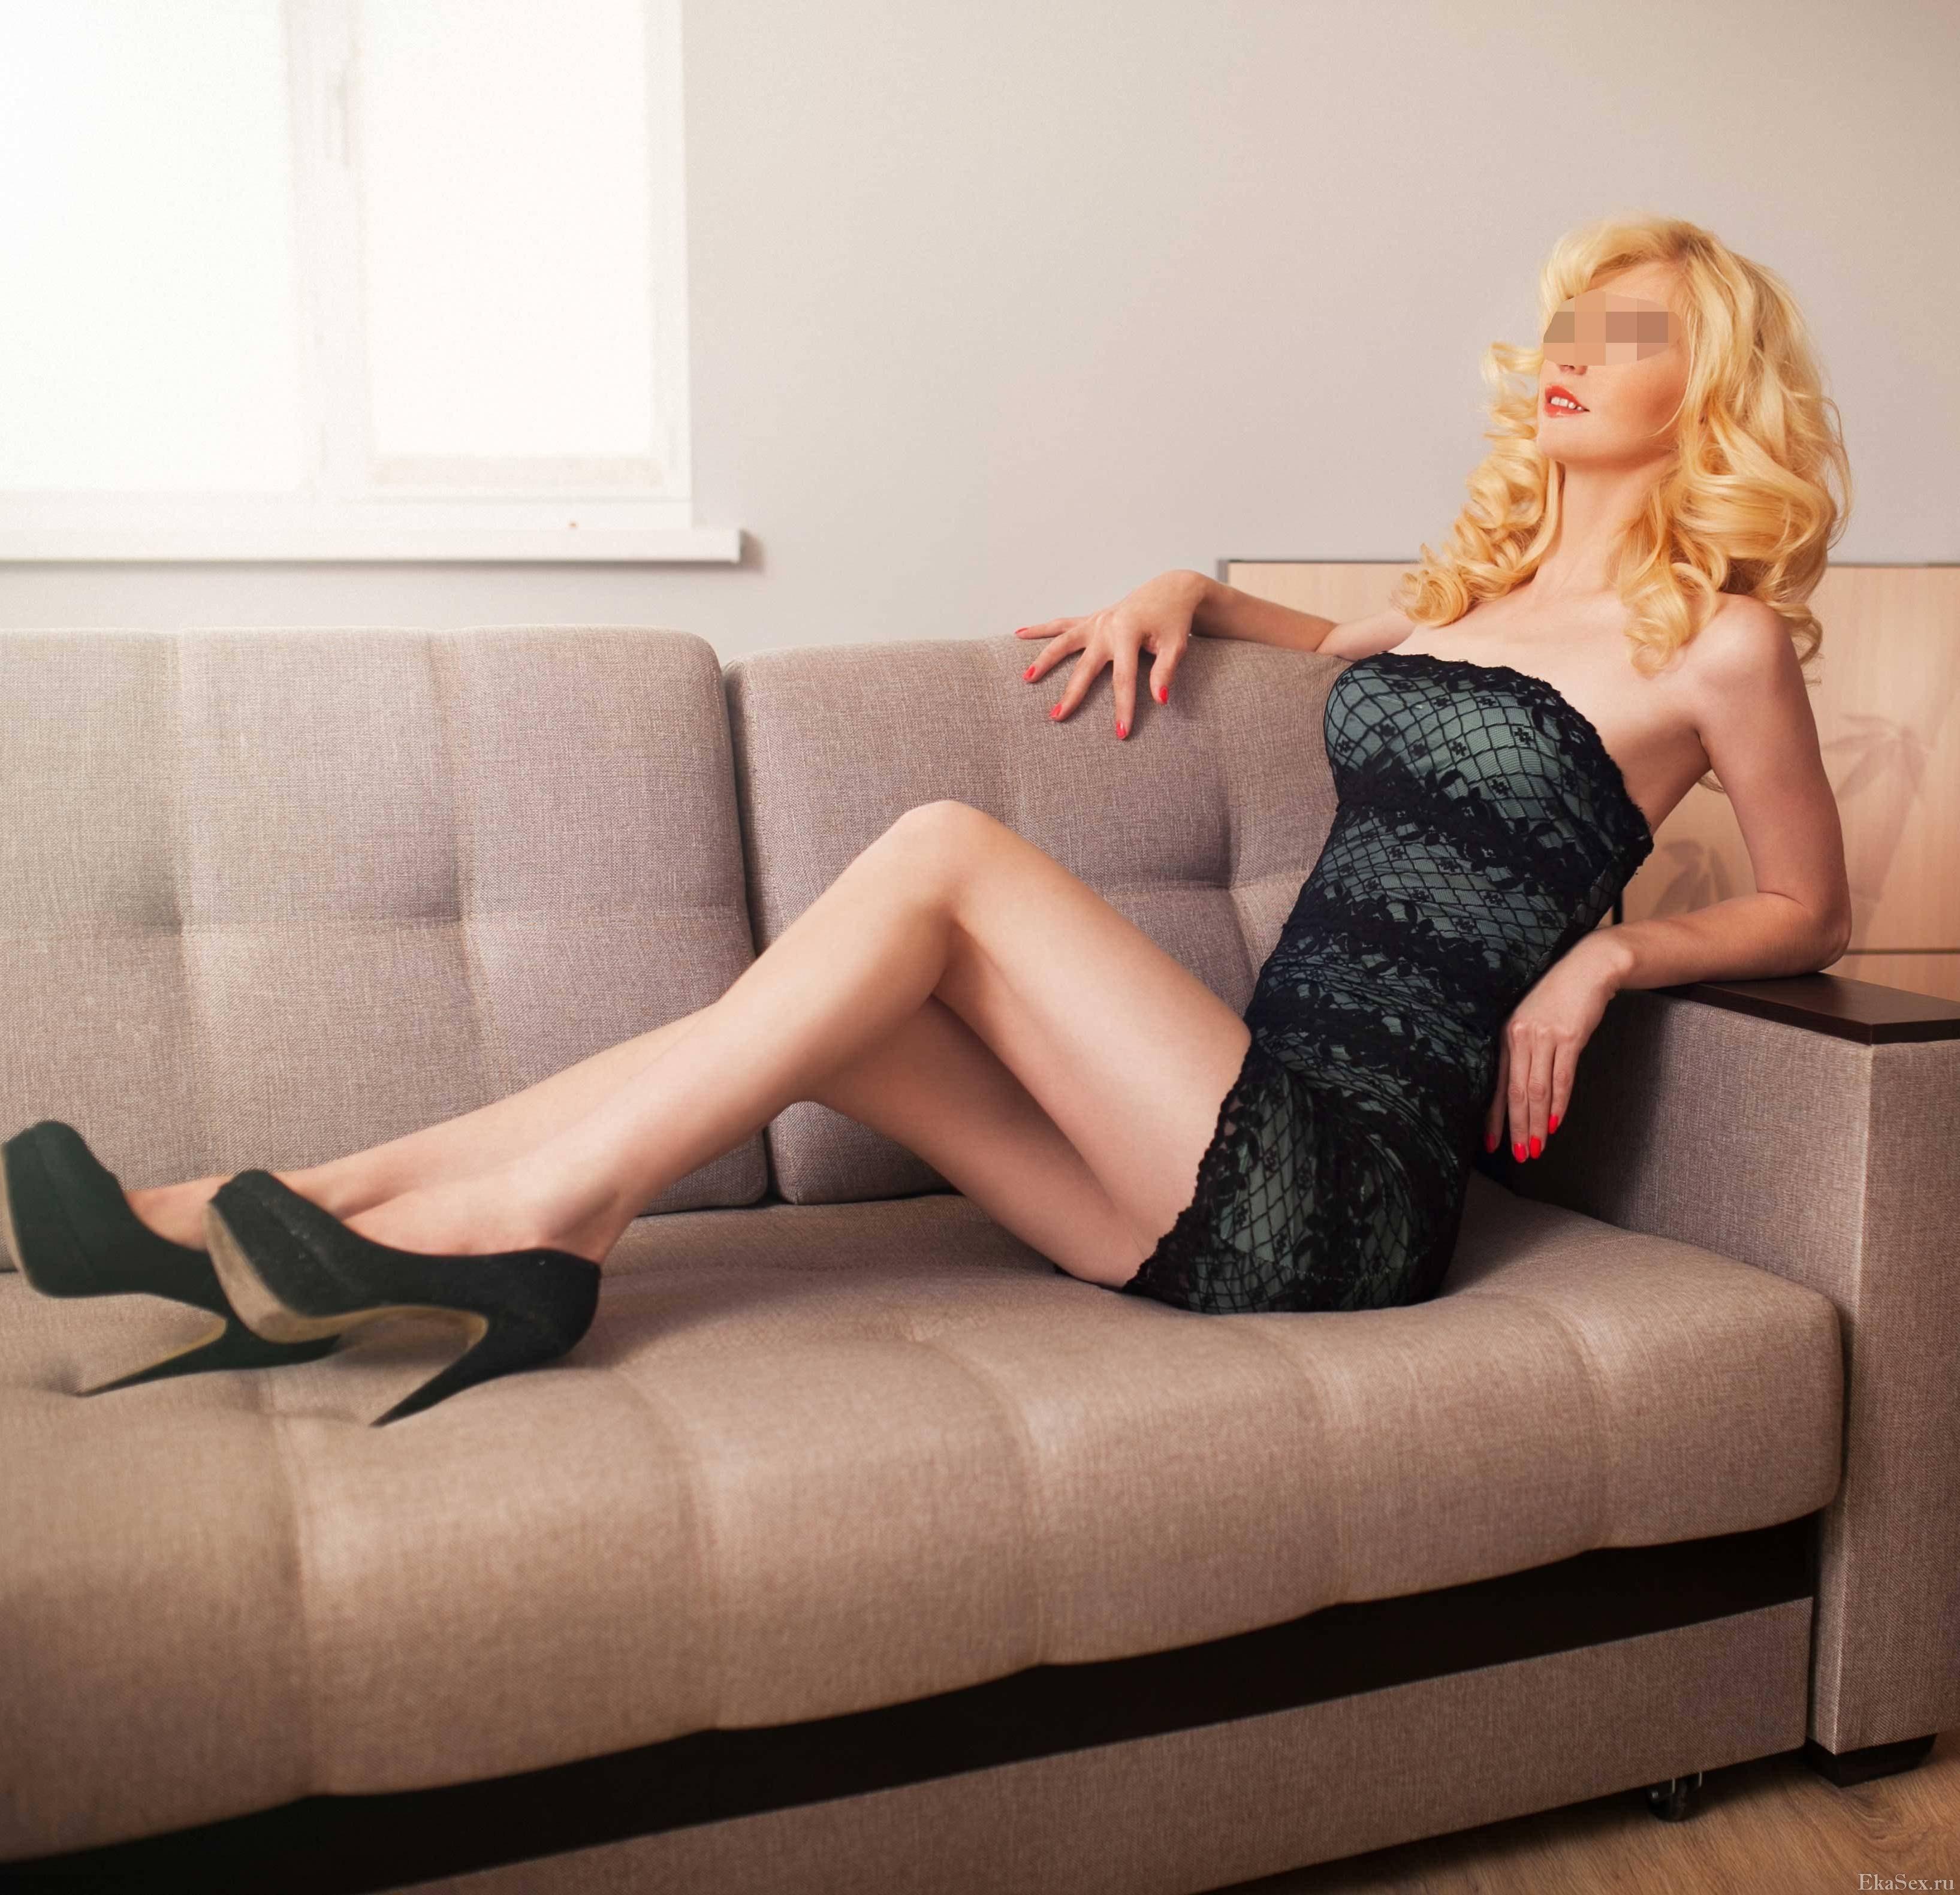 фото проститутки Наталья из города Екатеринбург